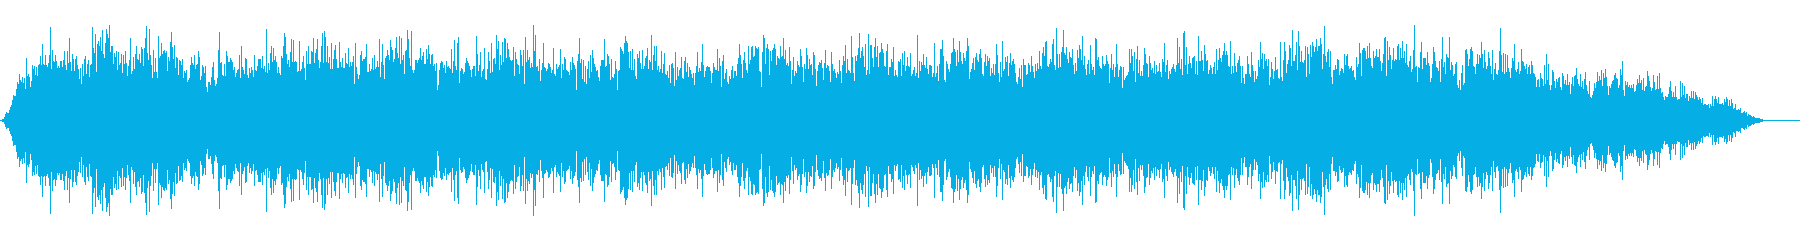 ゴォォォ!(激しく炎上する音)の再生済みの波形